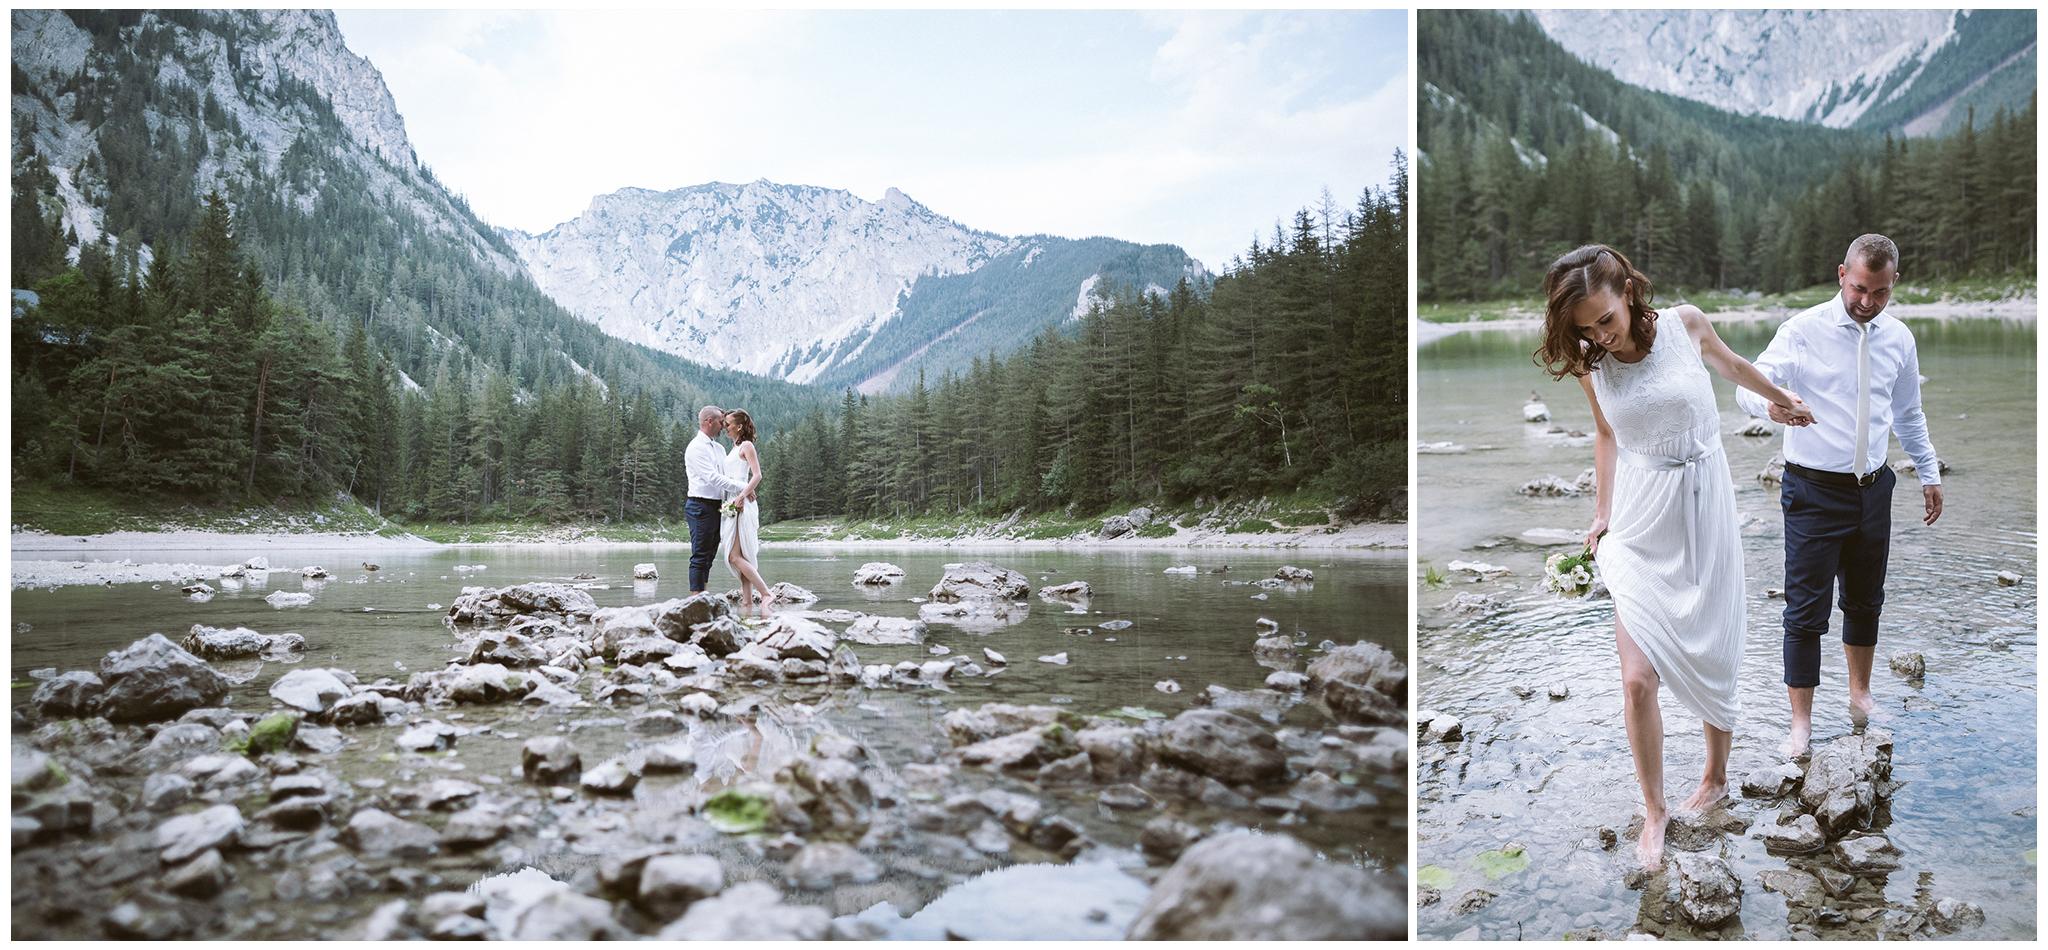 FylepPhoto, esküvőfotózás, magyarország, esküvői fotós, vasmegye, prémium, jegyesfotózás, Fülöp Péter, körmend, kreatív, grüner see_01.jpg